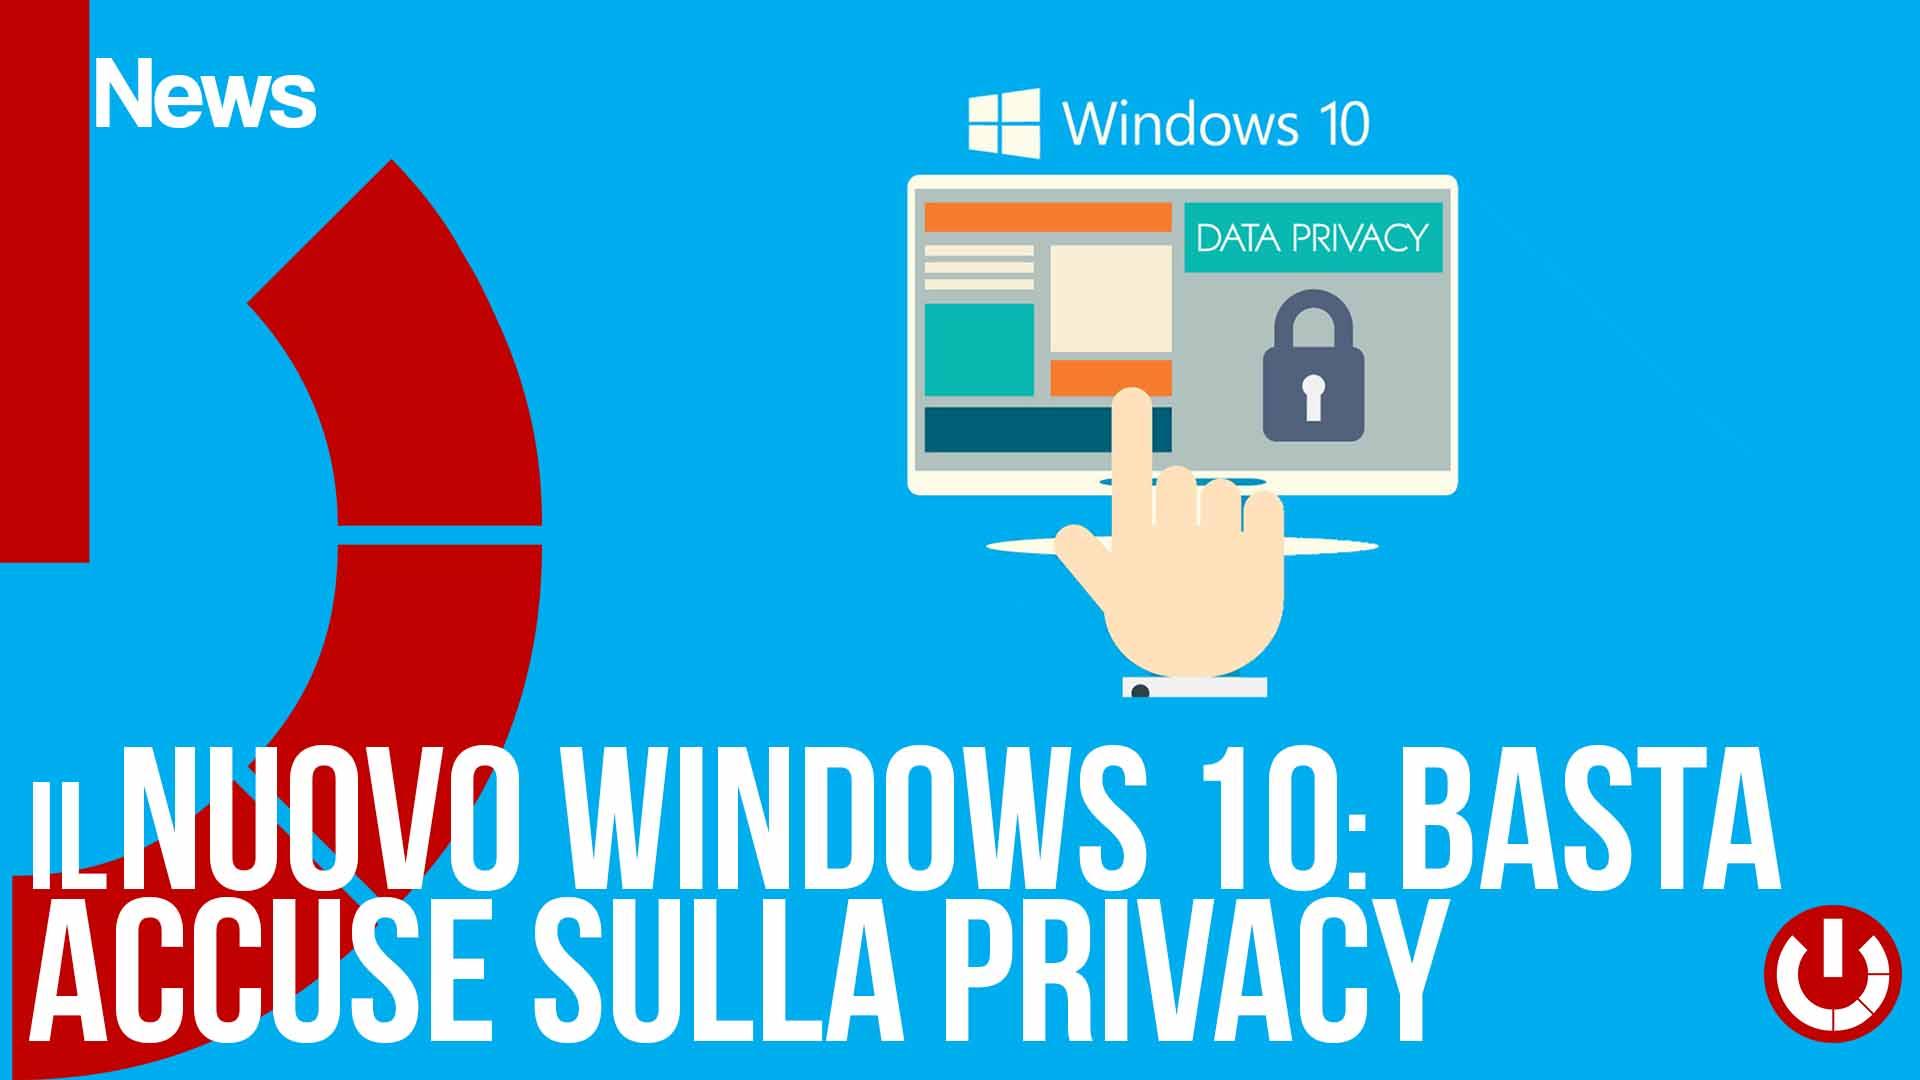 Il nuovo Windows 10 basta accuse sulla privacy